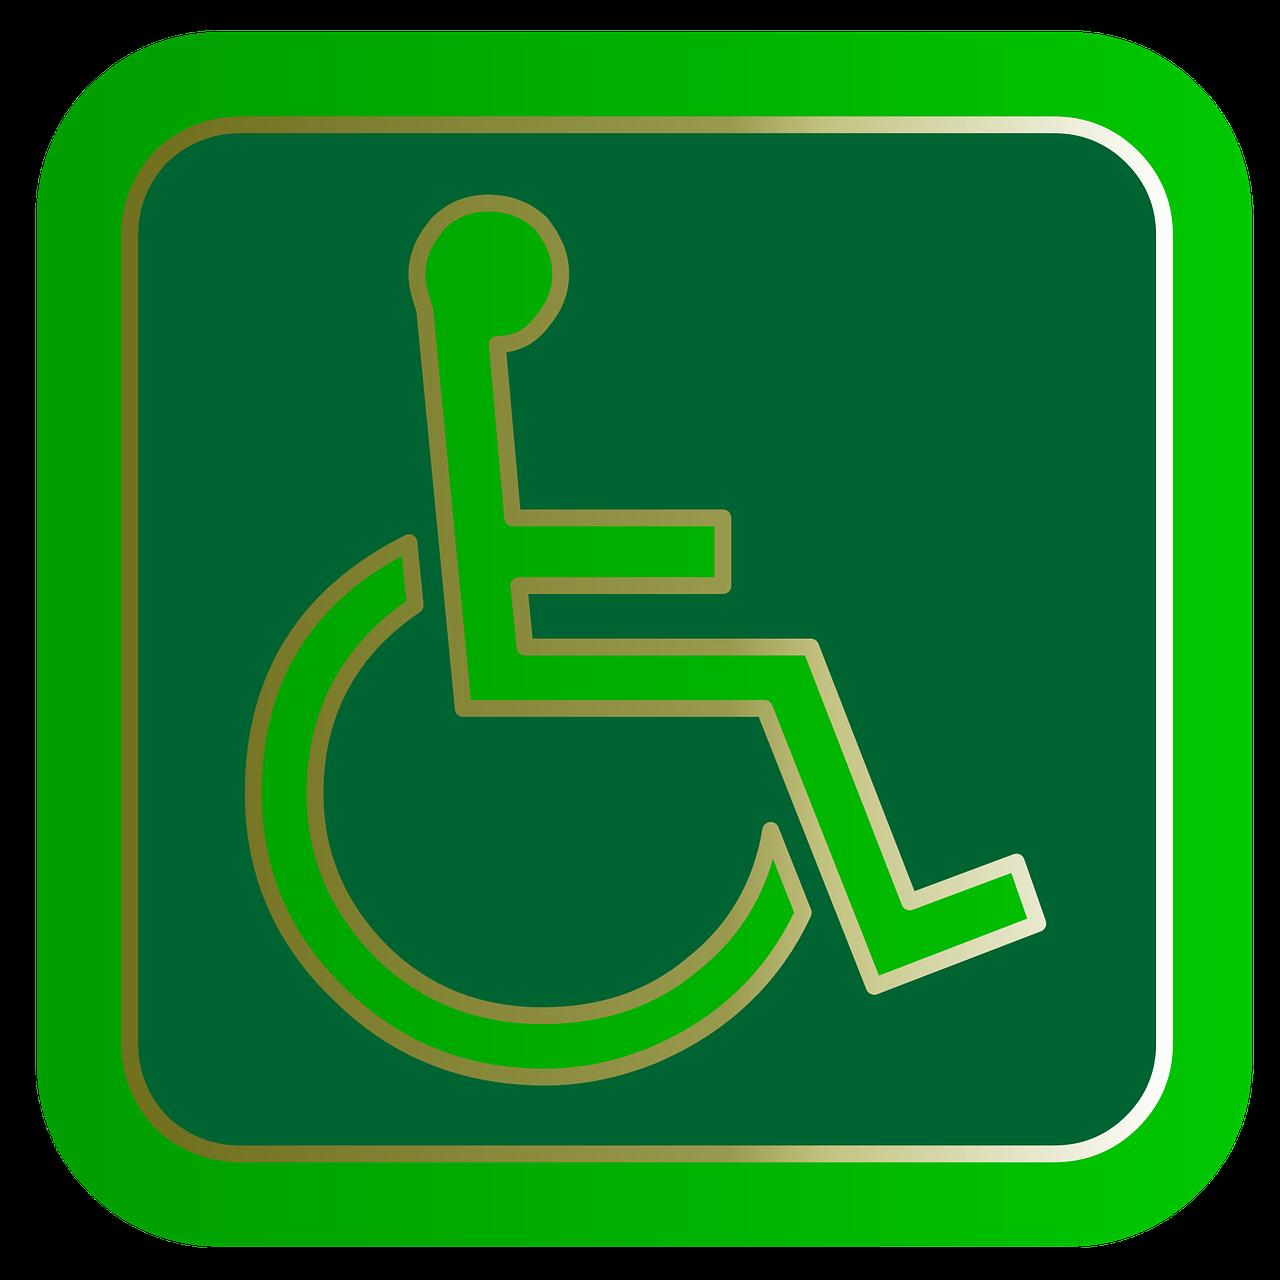 De Vriendelijke Reus Obdam beoordeling instelling gehandicaptenzorg verstandelijk gehandicapten